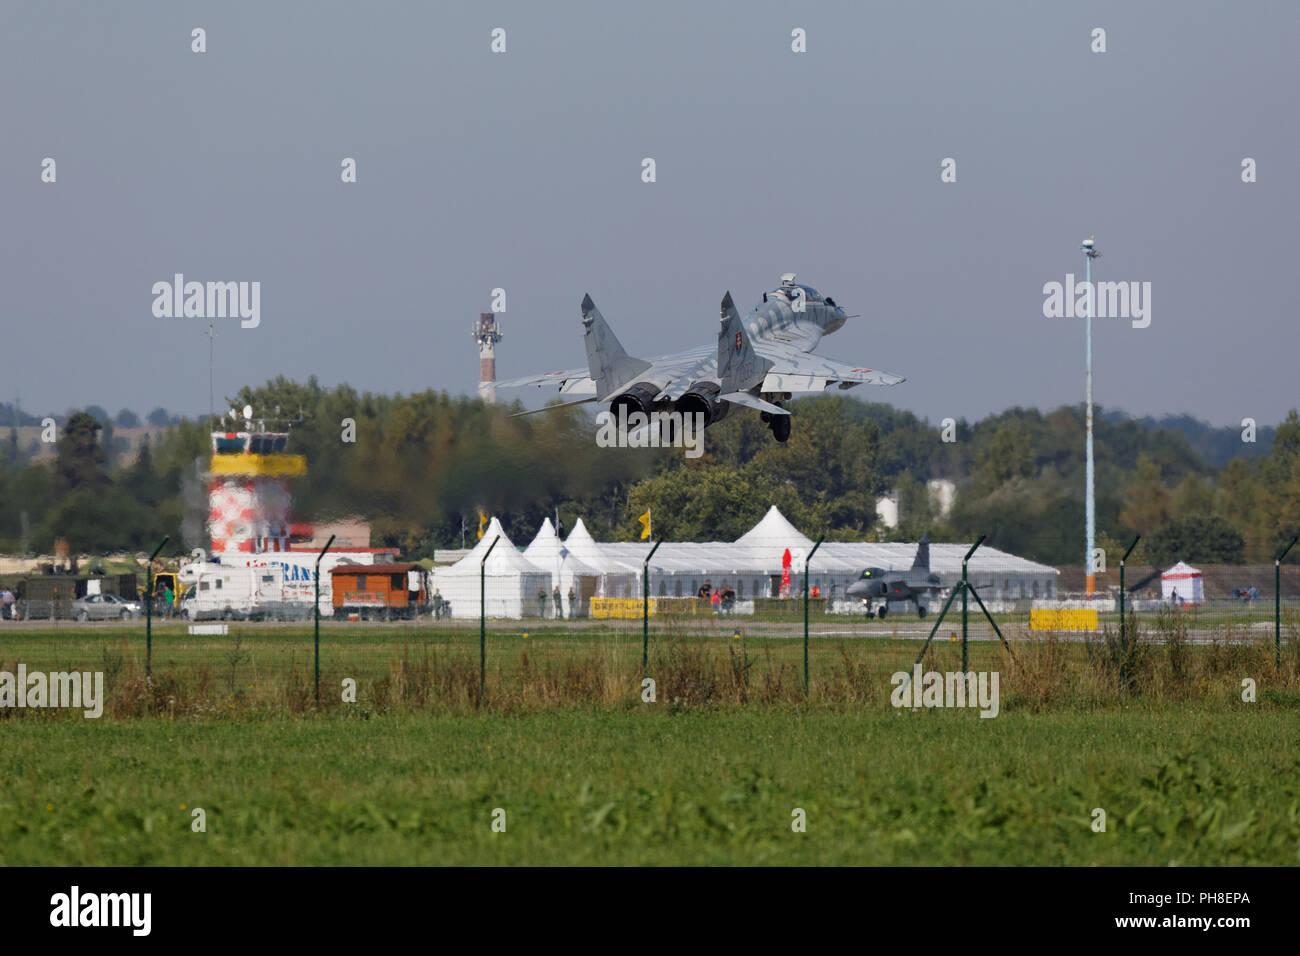 20. CIAF 2013: Mikojan-Gurewitsch MiG-29 der slowenischen Luftwaffe. Stock Photo